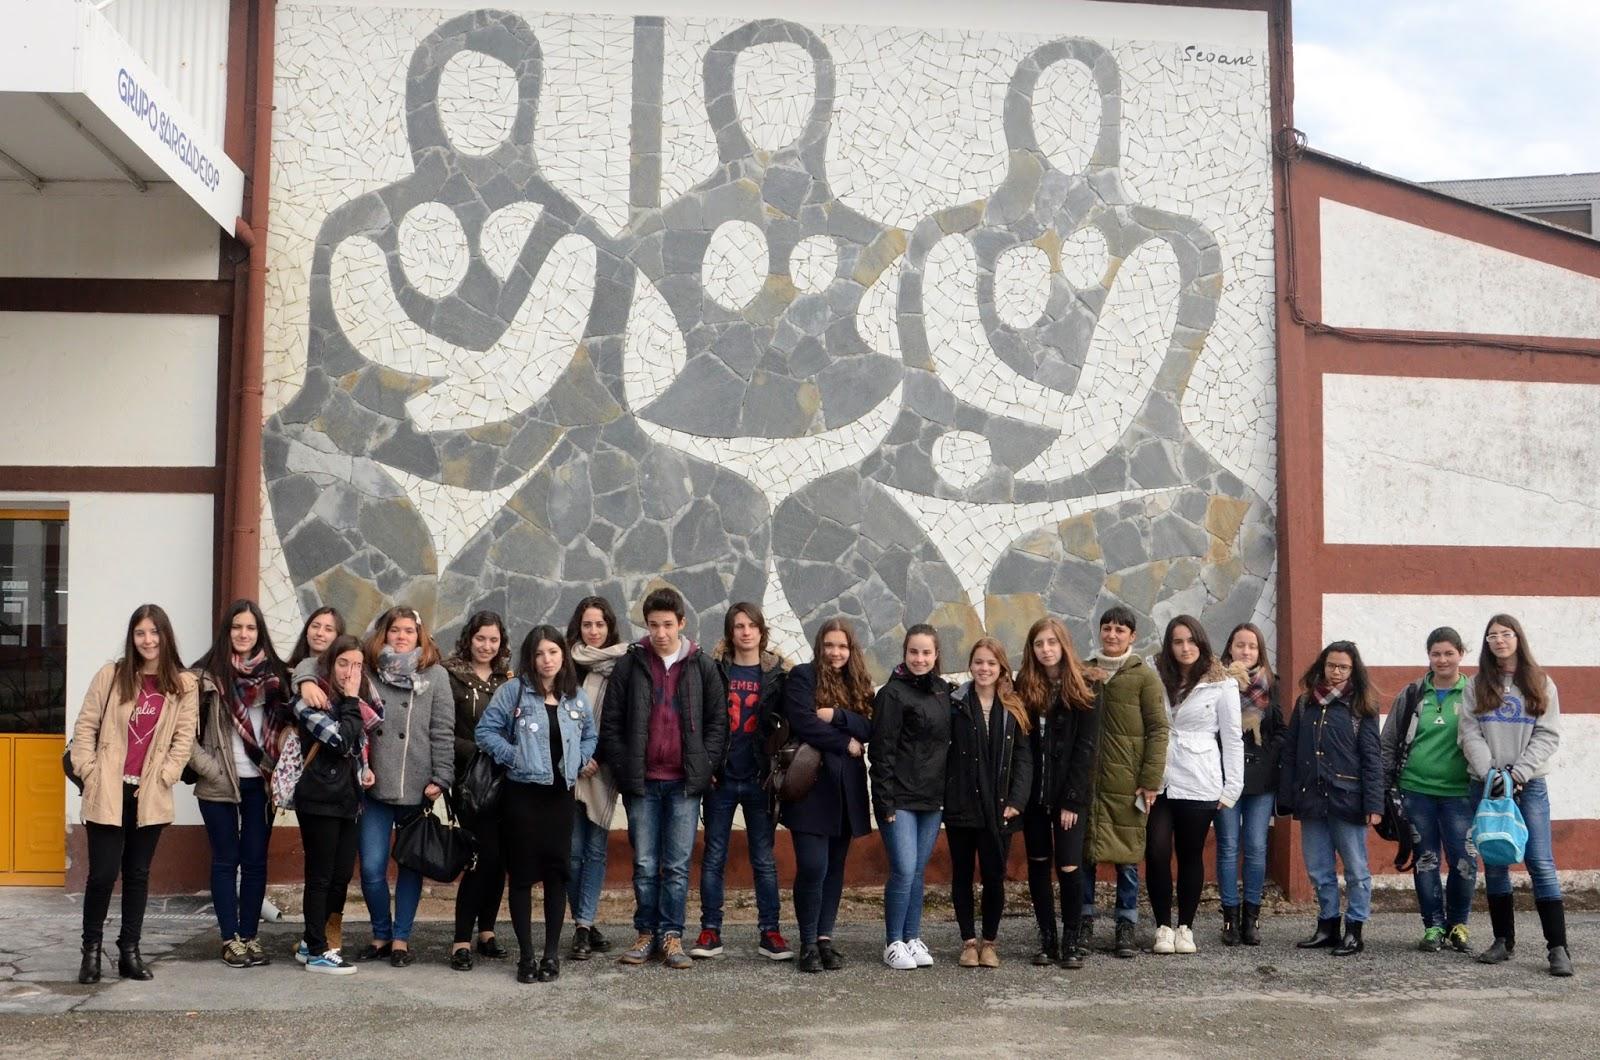 Mgbook visita a cer micas do castro e escola de arte for Ceramicas castro